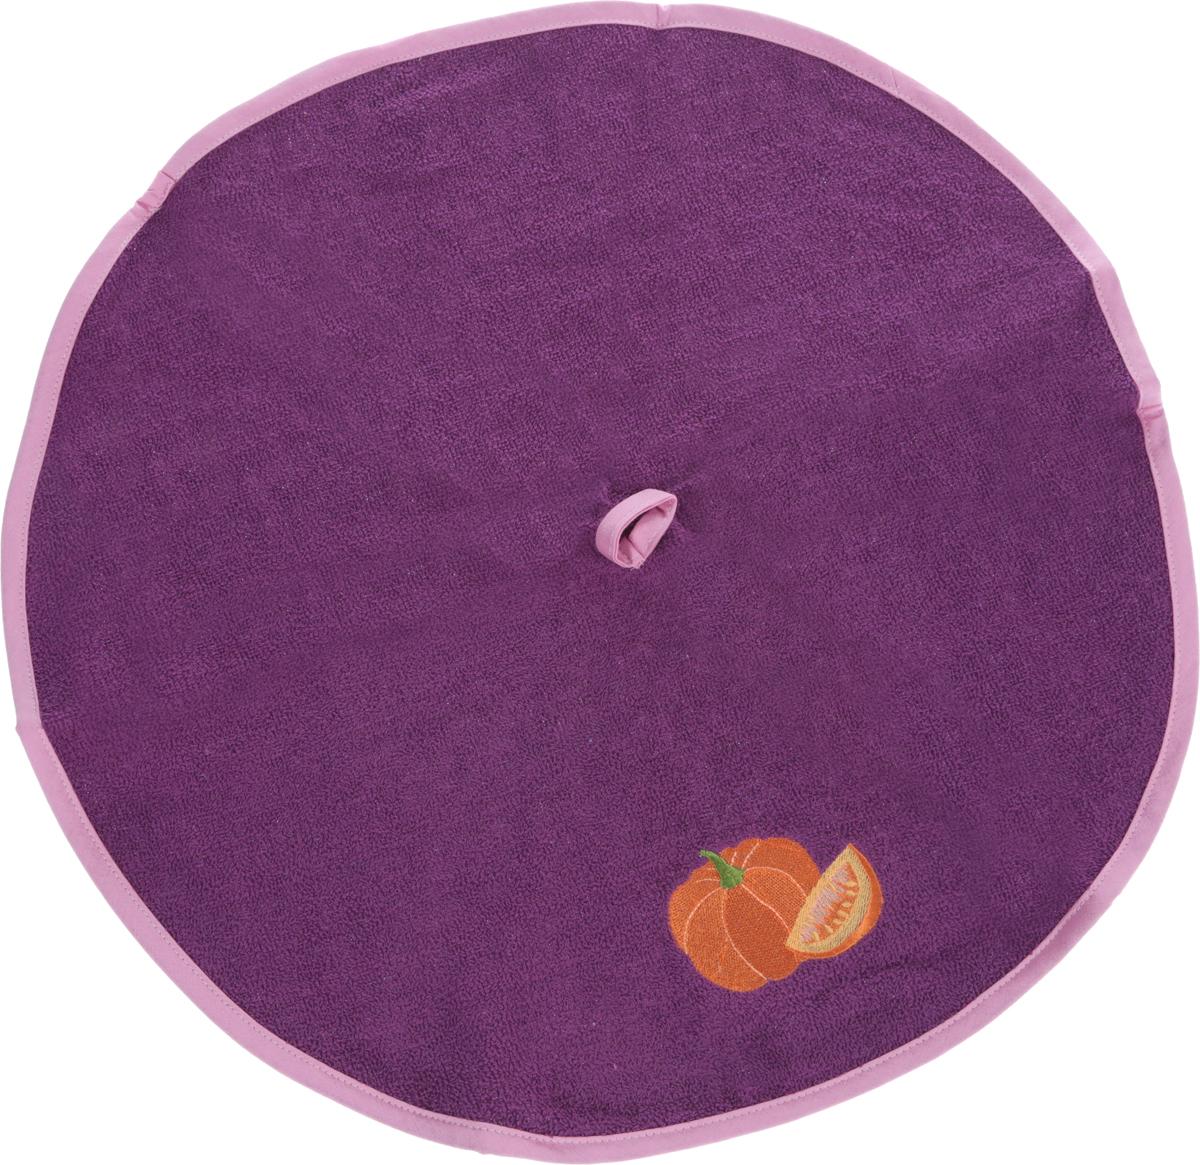 Полотенце кухонное Karna Zelina. Тыква, цвет: светло-фиолетовый, диаметр 50 см504/CHAR005_светло-фиолетовыйКруглое кухонное полотенце Karna Zelina. Тыква изготовлено из 100% хлопка, поэтому являетсяэкологически чистым. Качество материала гарантирует безопасность не только взрослым, но и самым маленьким членам семьи. Изделие мягкое и пушистое, оснащено удобной петелькой и украшено оригинальной вышивкой. Кухонное полотенце Karna сделает интерьер вашей кухни стильным и гармоничным.Диаметр полотенца: 50 см.